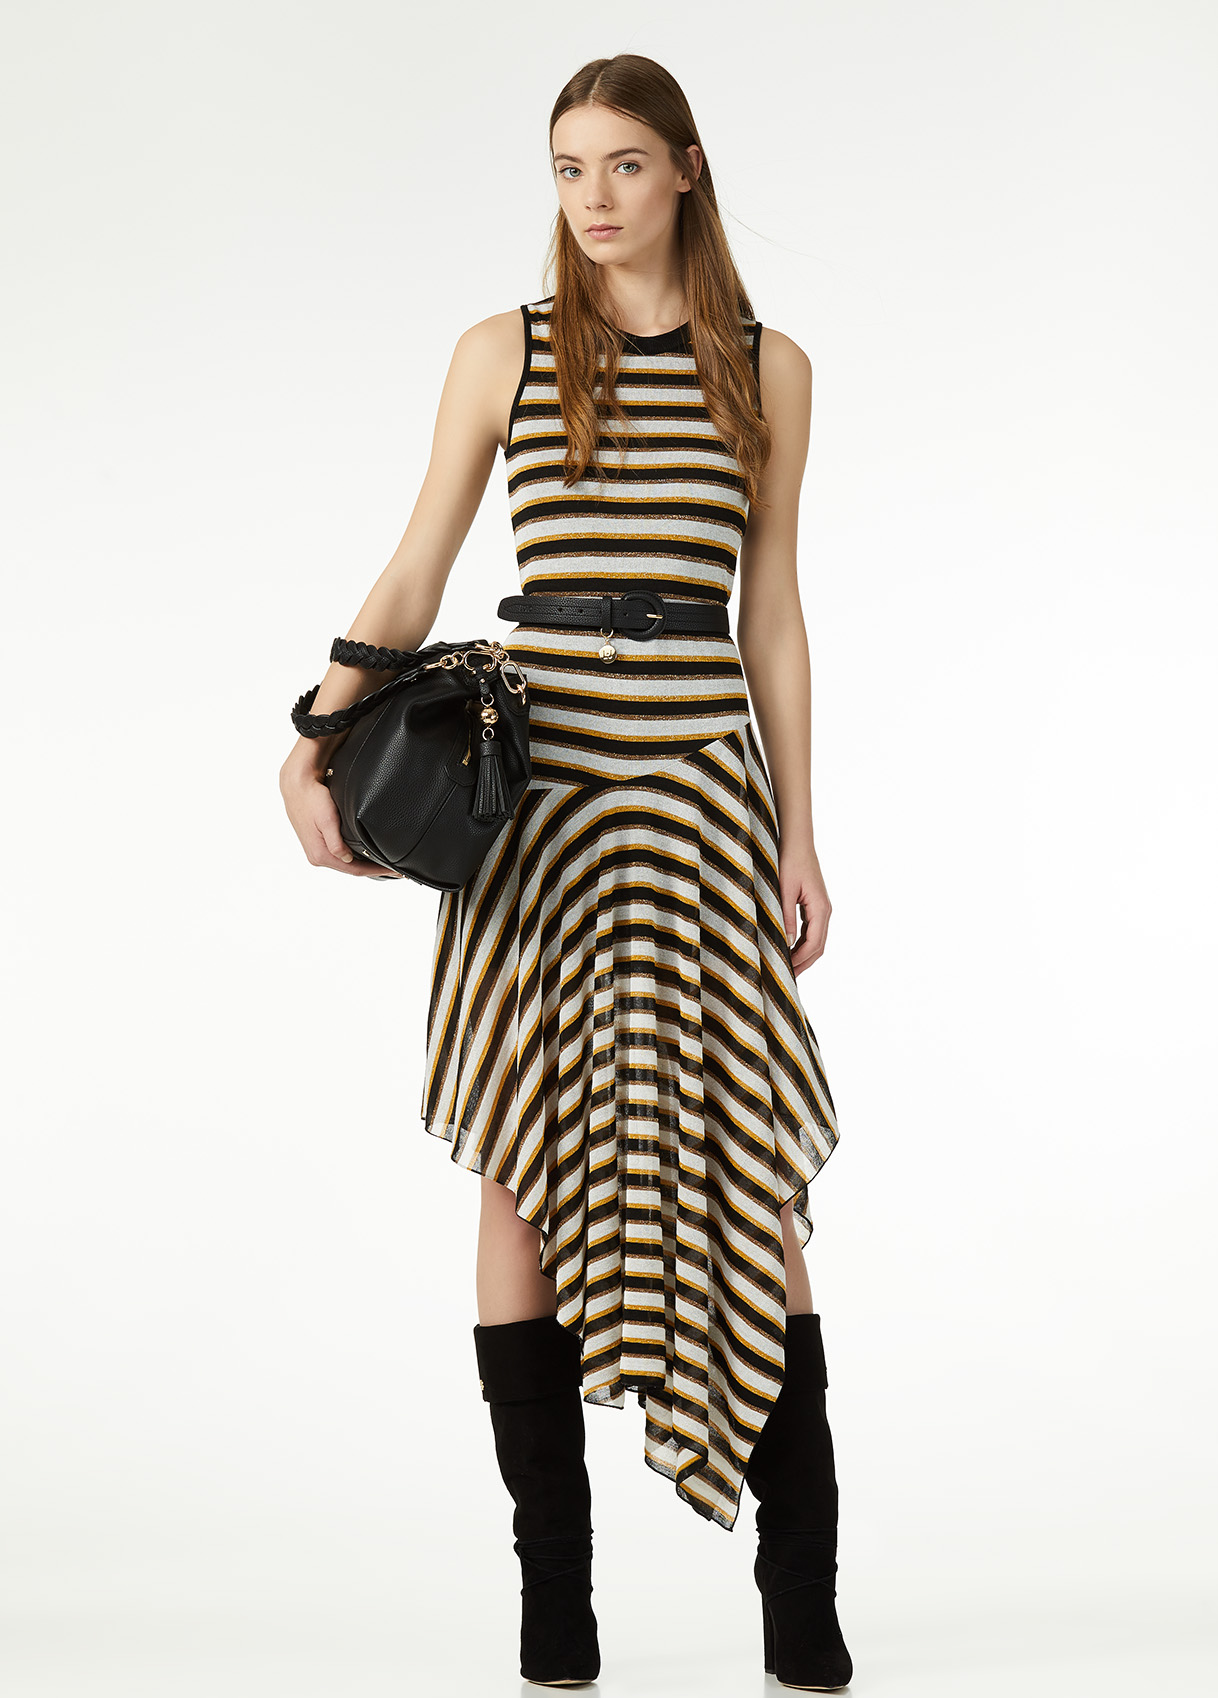 8059599892307-Dresses-Mididresses-C19111MA236B3350-I-AO-N-B-03-N